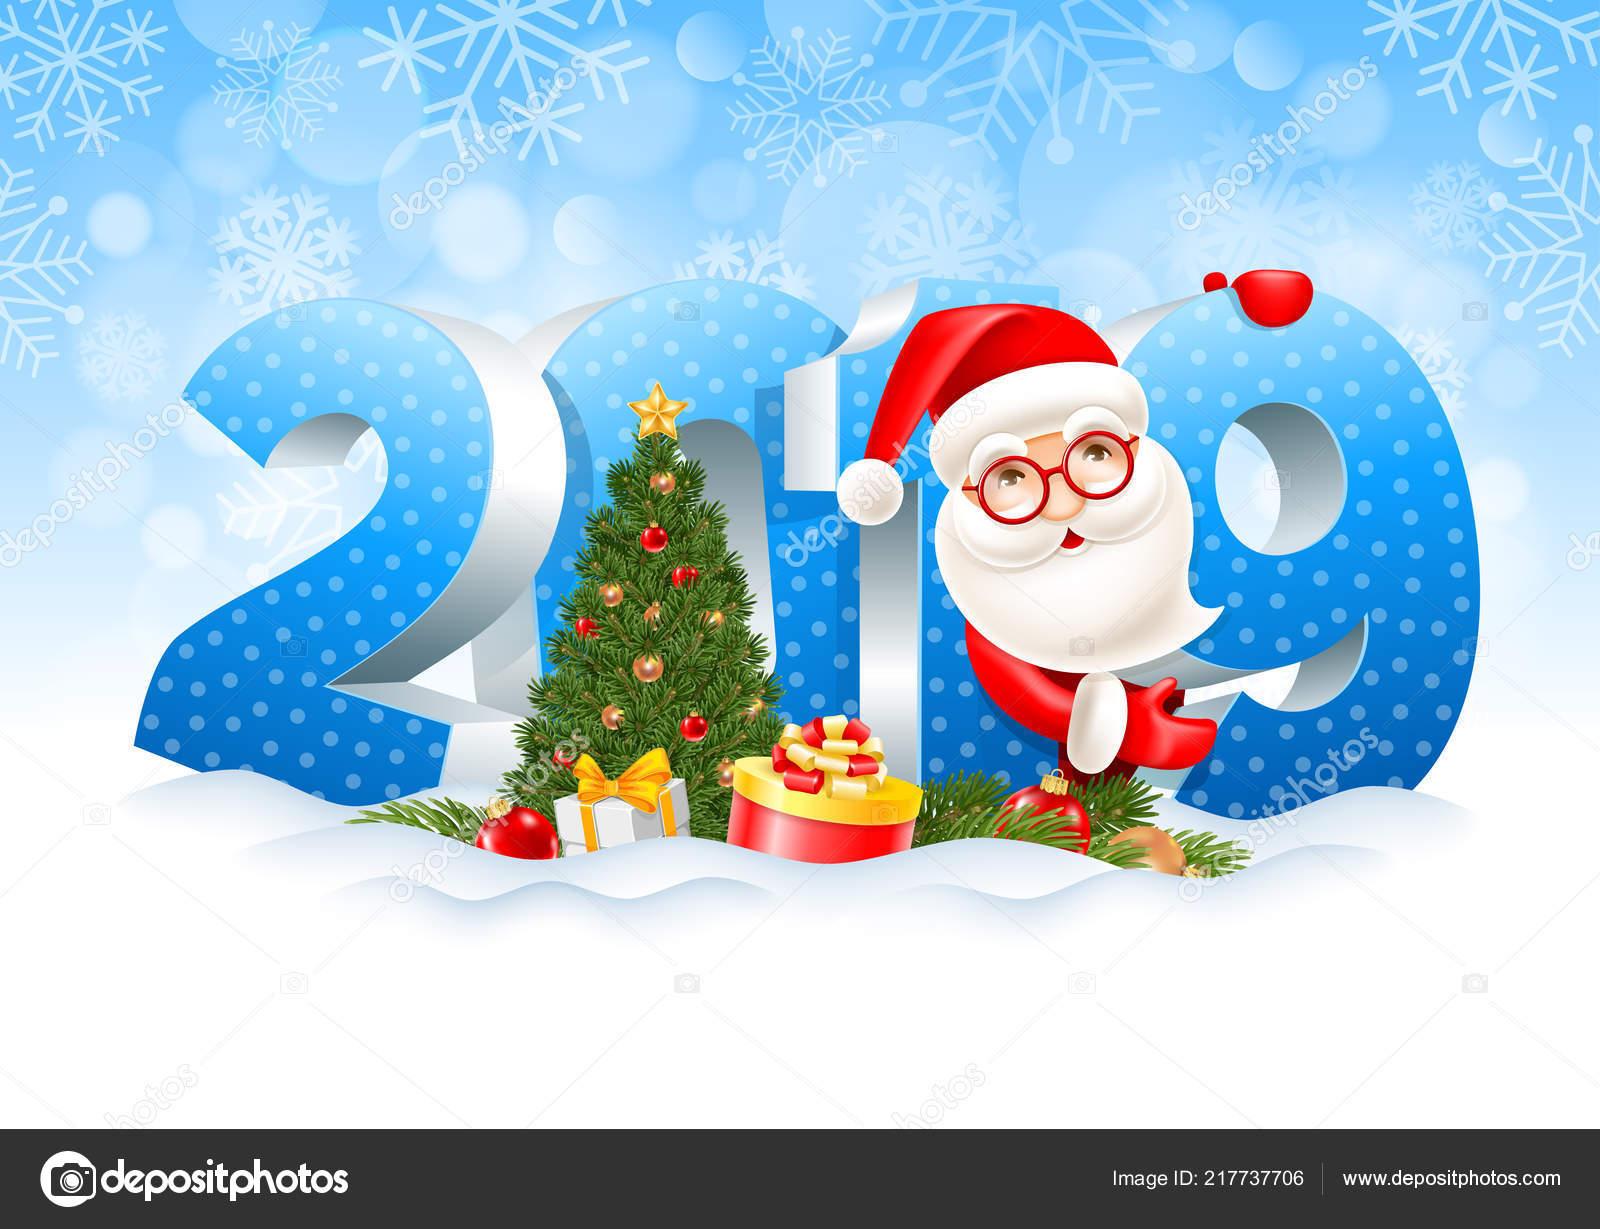 Weihnachten Geschenke 2019.Volumetrische Ziffern 2019 Weihnachtsmann Geschenke Filialen